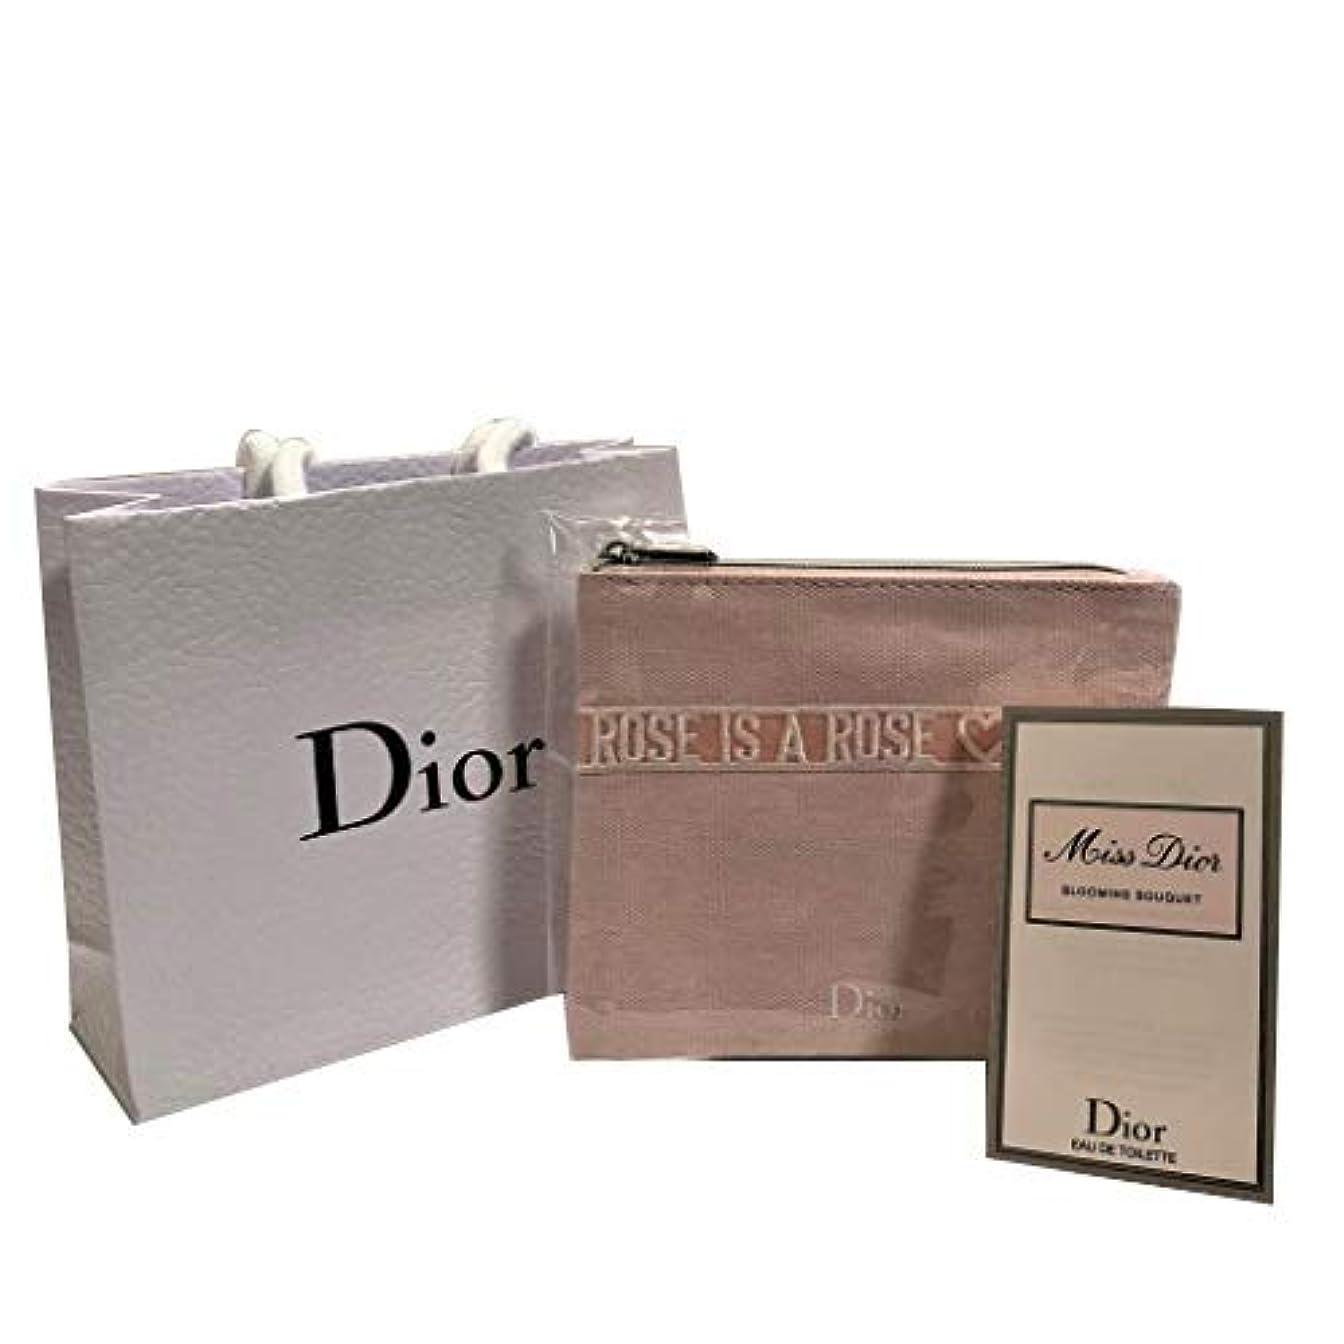 探偵洗う新聞Dior ディオール ミニポーチセット( ミス ディオール ブルーミング ブーケ EDT SP 1ml)